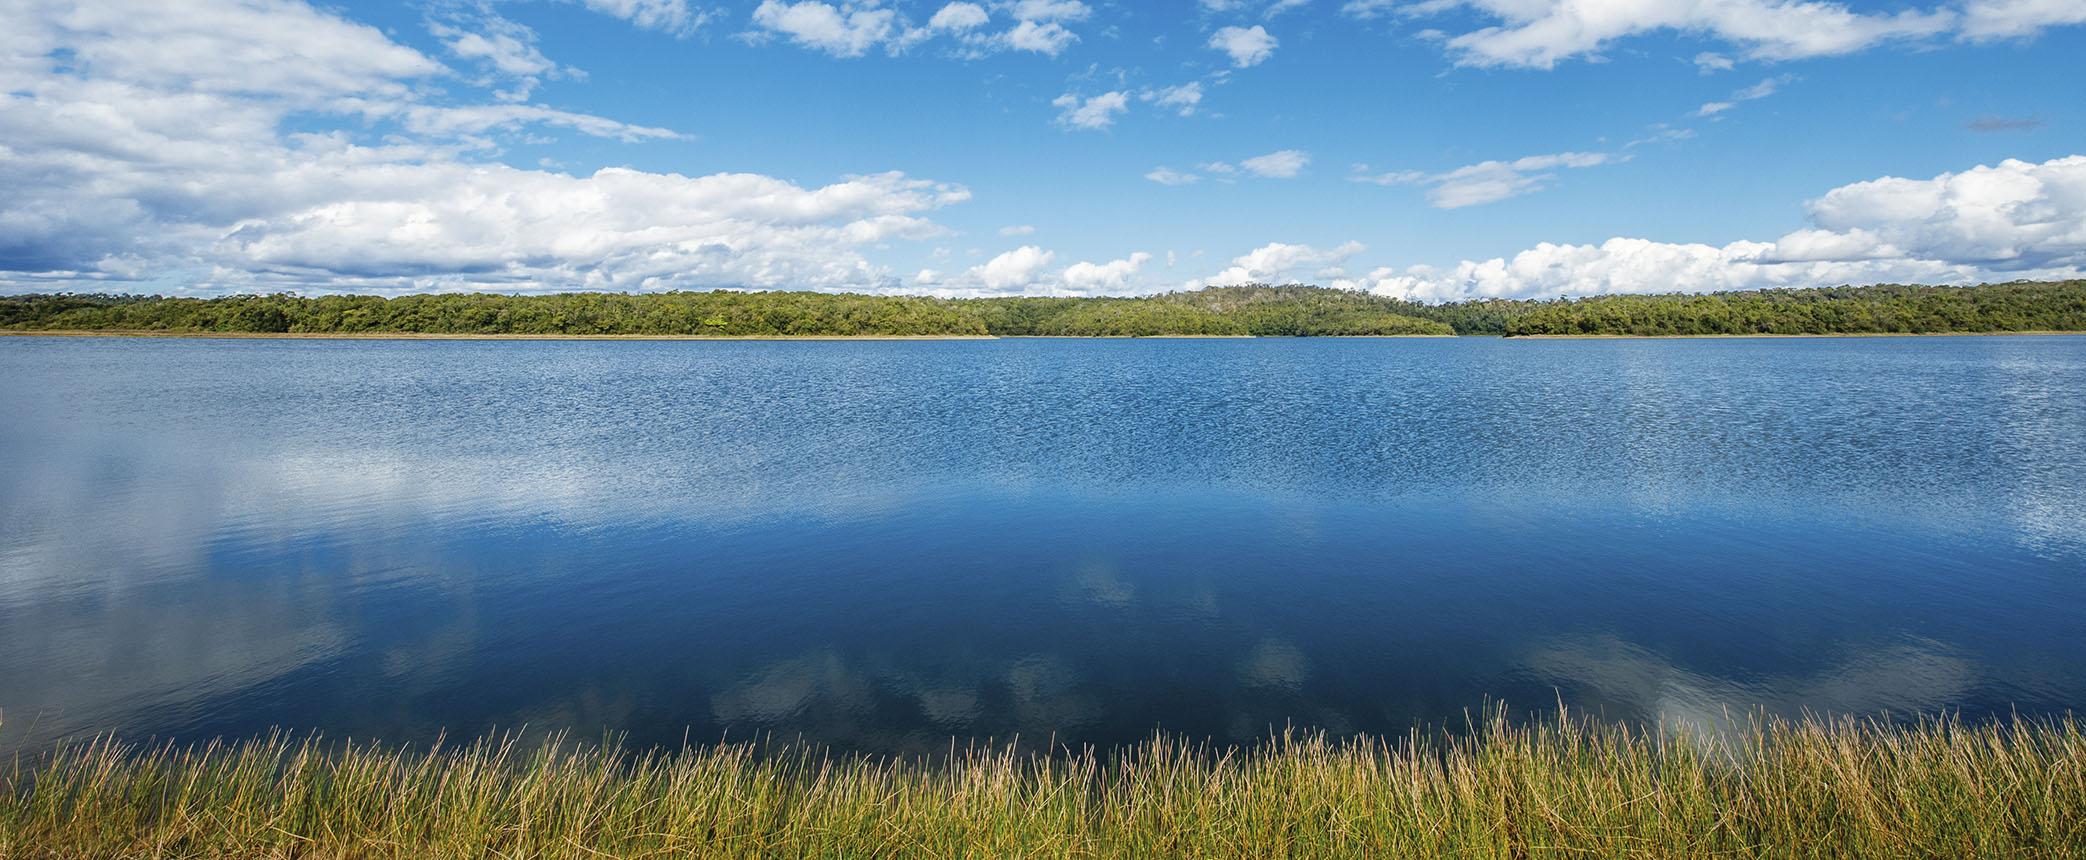 PARQUE ESTADUAL DO RIO DOCE: Reserva da Biosfera, Sitio Ramsar e Hotspot